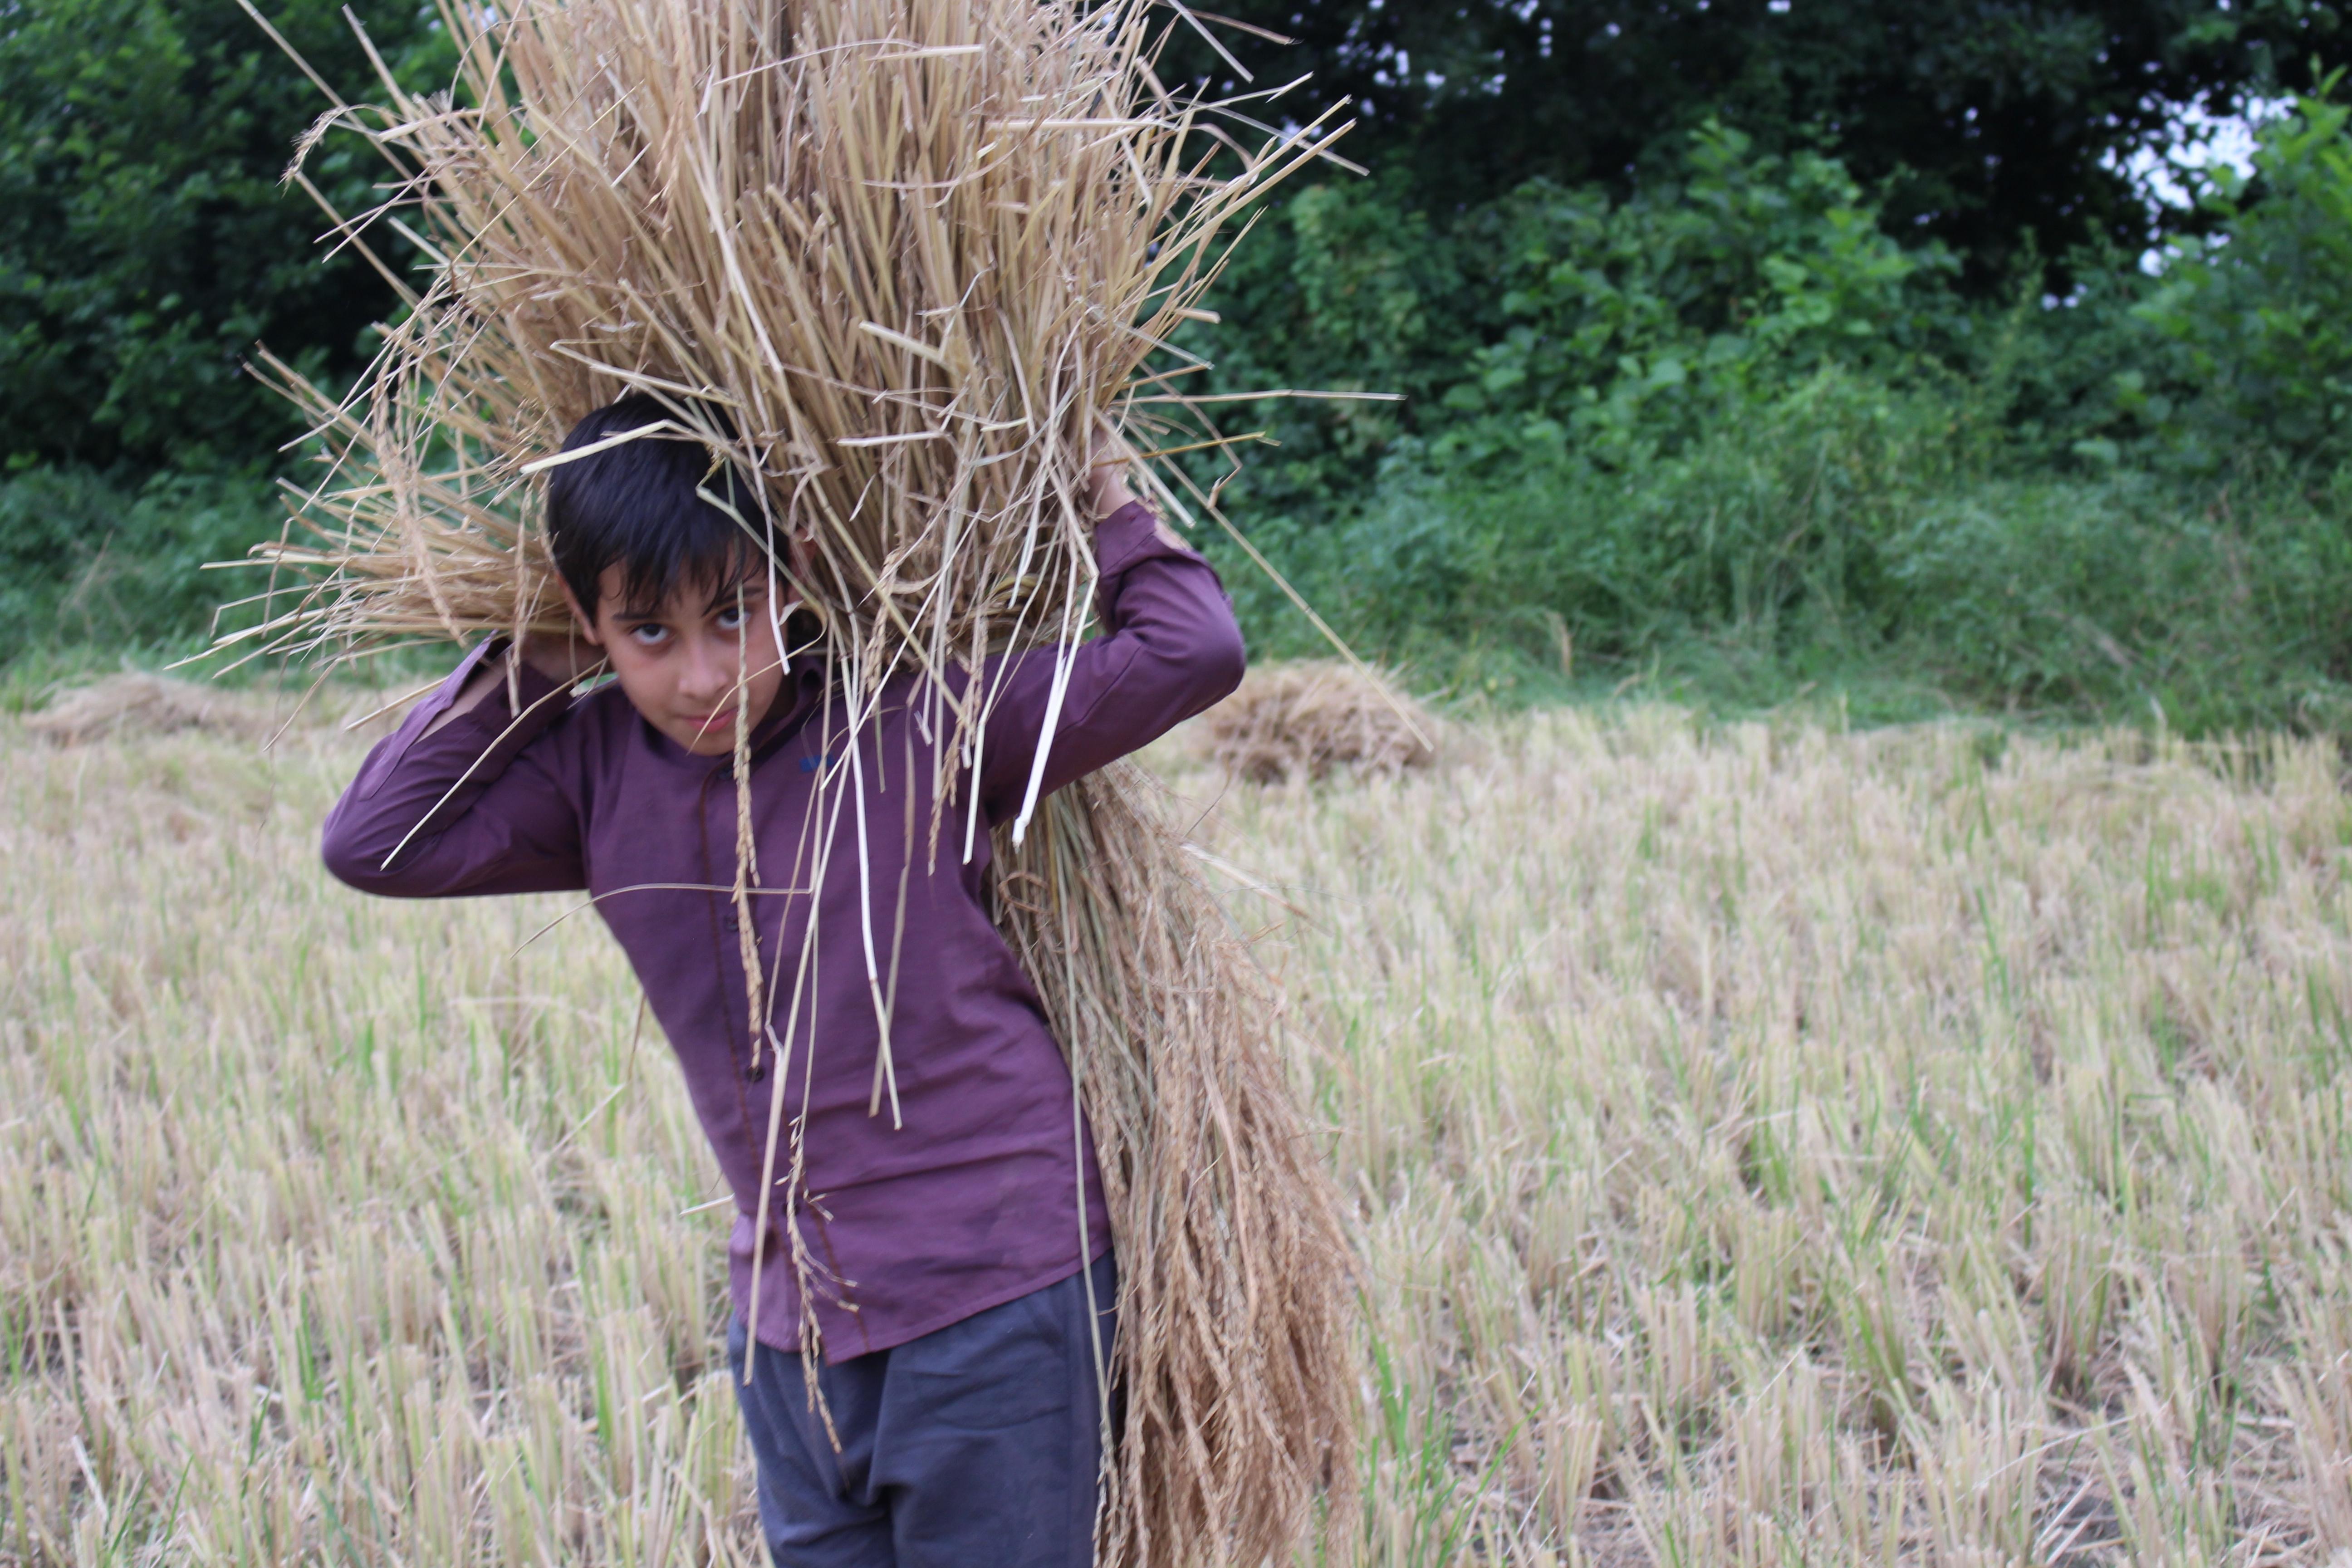 برداشت ۴ هزار هکتار از مزارع برنج گیلان/افزایش بیش از۲۵هزار تن برنج کیفی با بهسازی شالیکوبیها